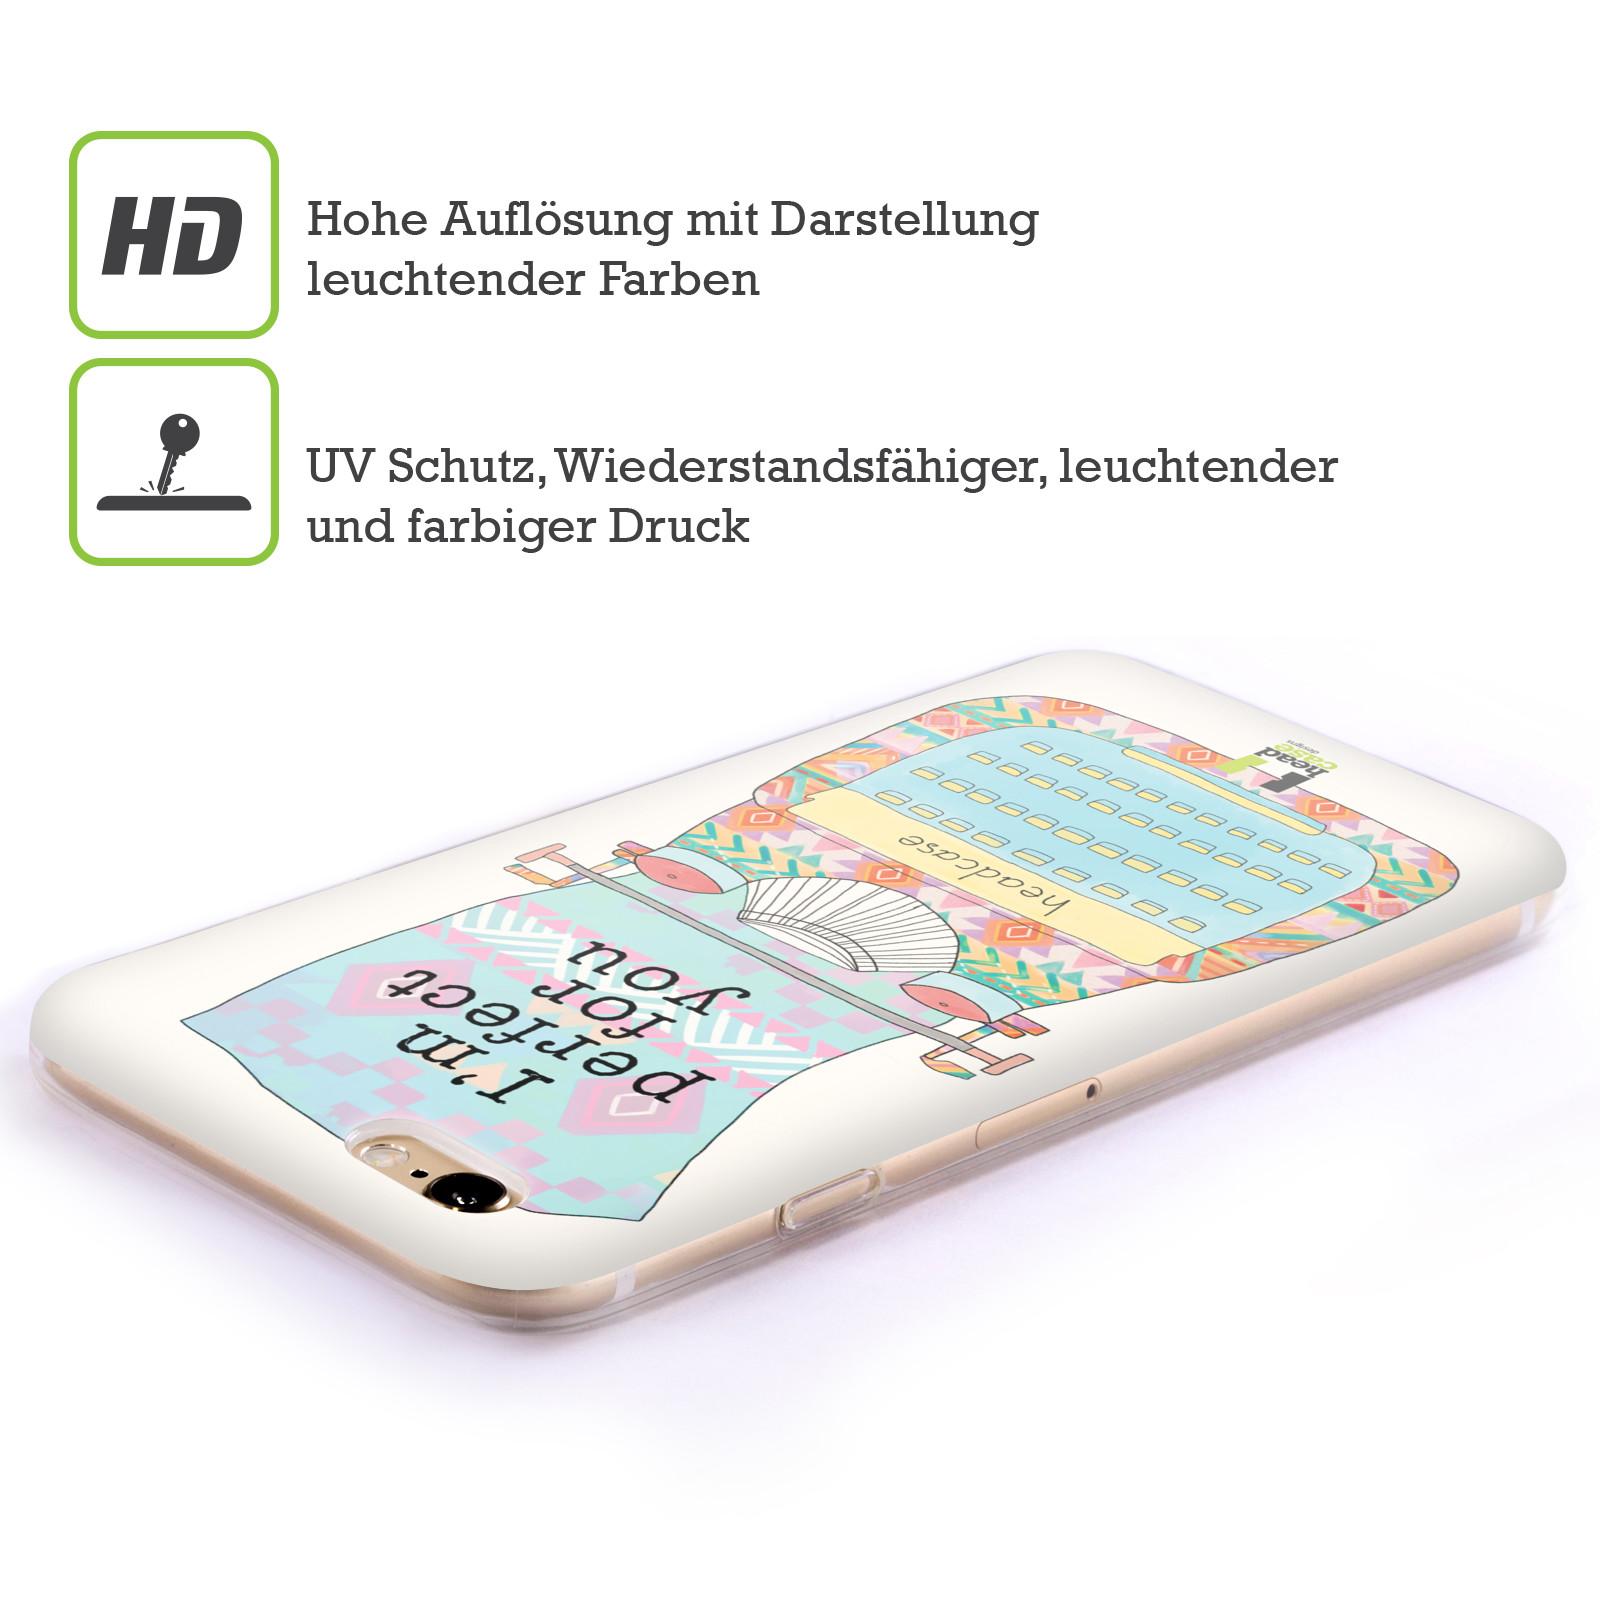 HEAD-CASE-DESIGNS-SCHREIBMASCHINE-NOTE-SOFT-GEL-HULLE-FUR-APPLE-iPHONE-HANDYS